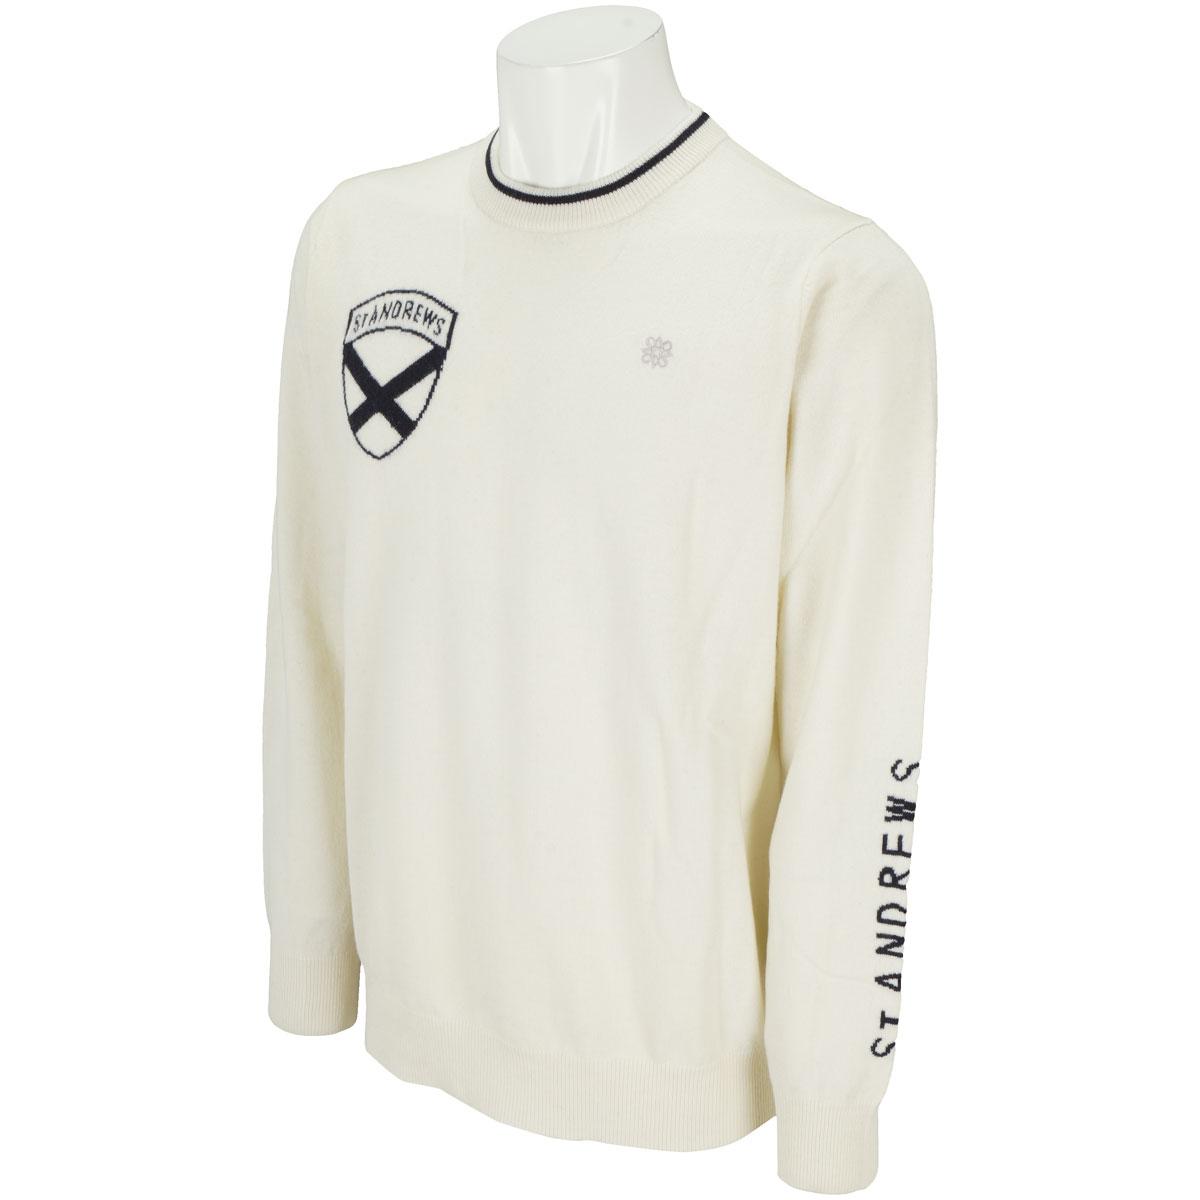 WhiteLabel セーター